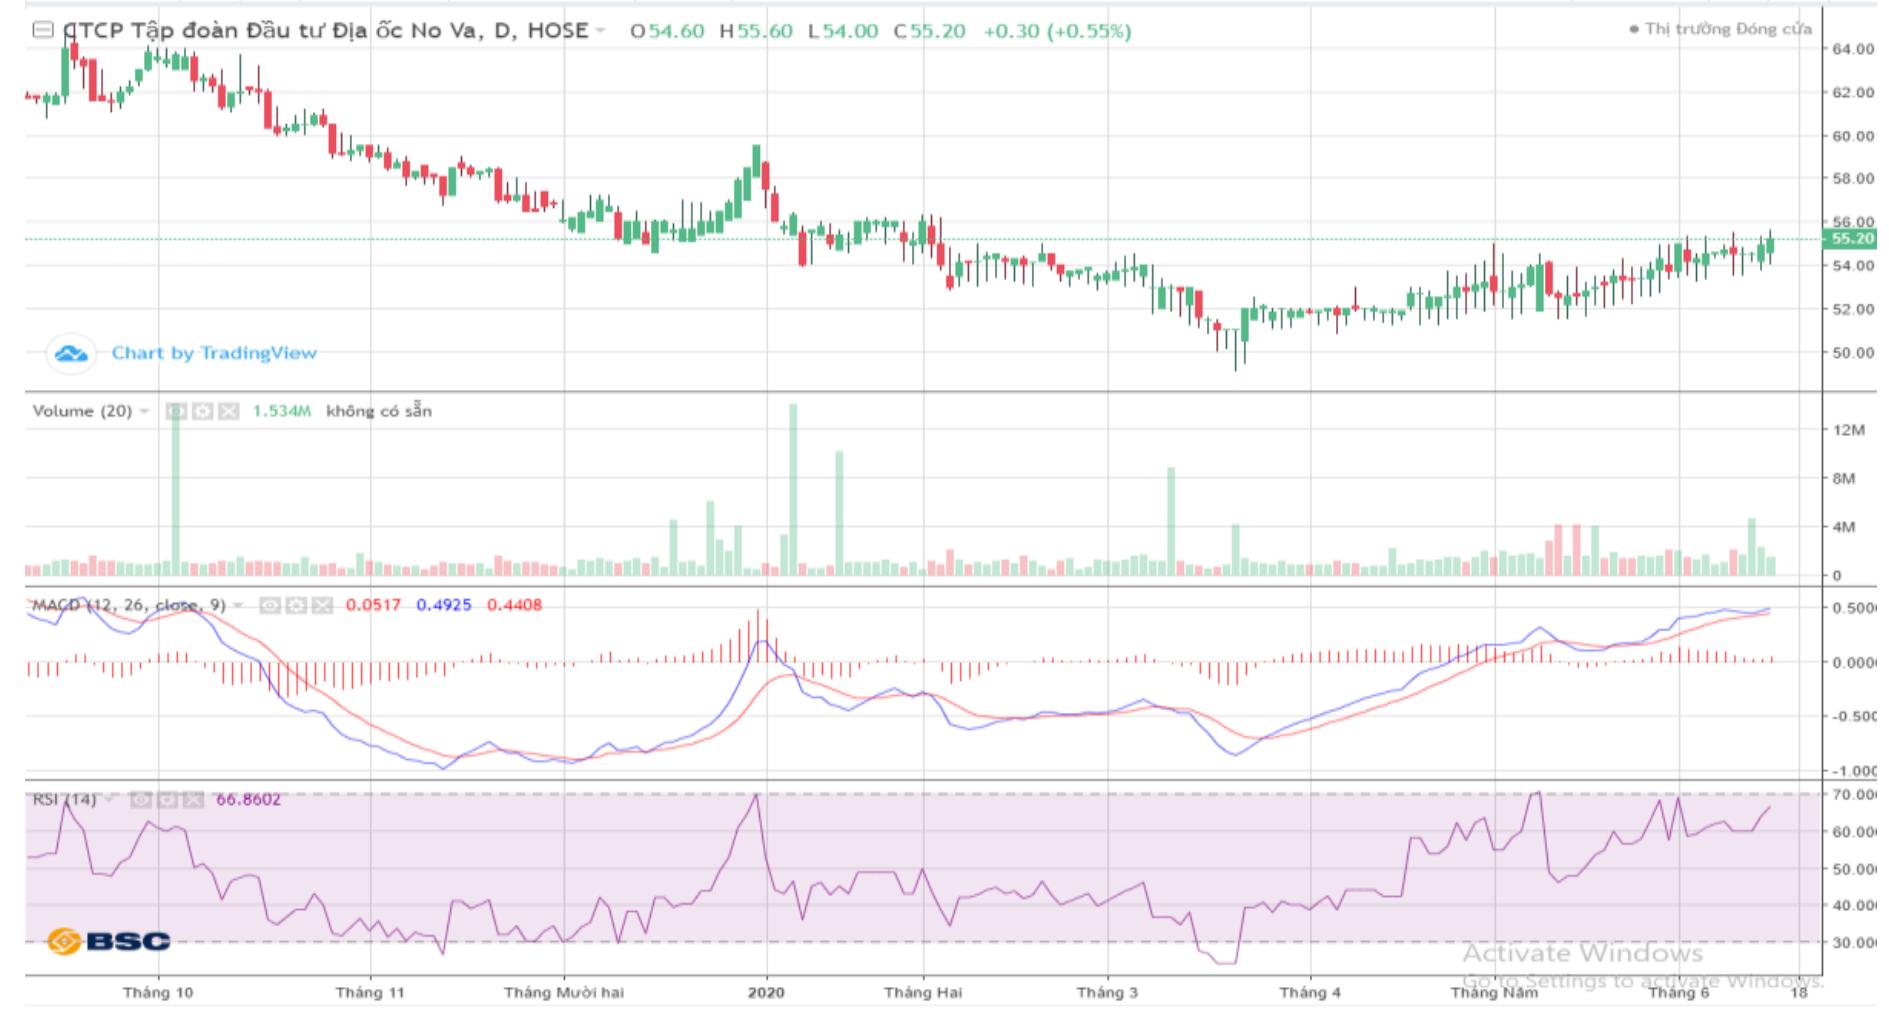 Cổ phiếu tâm điểm ngày 16/6: MWG, TPB, NVL - Ảnh 1.